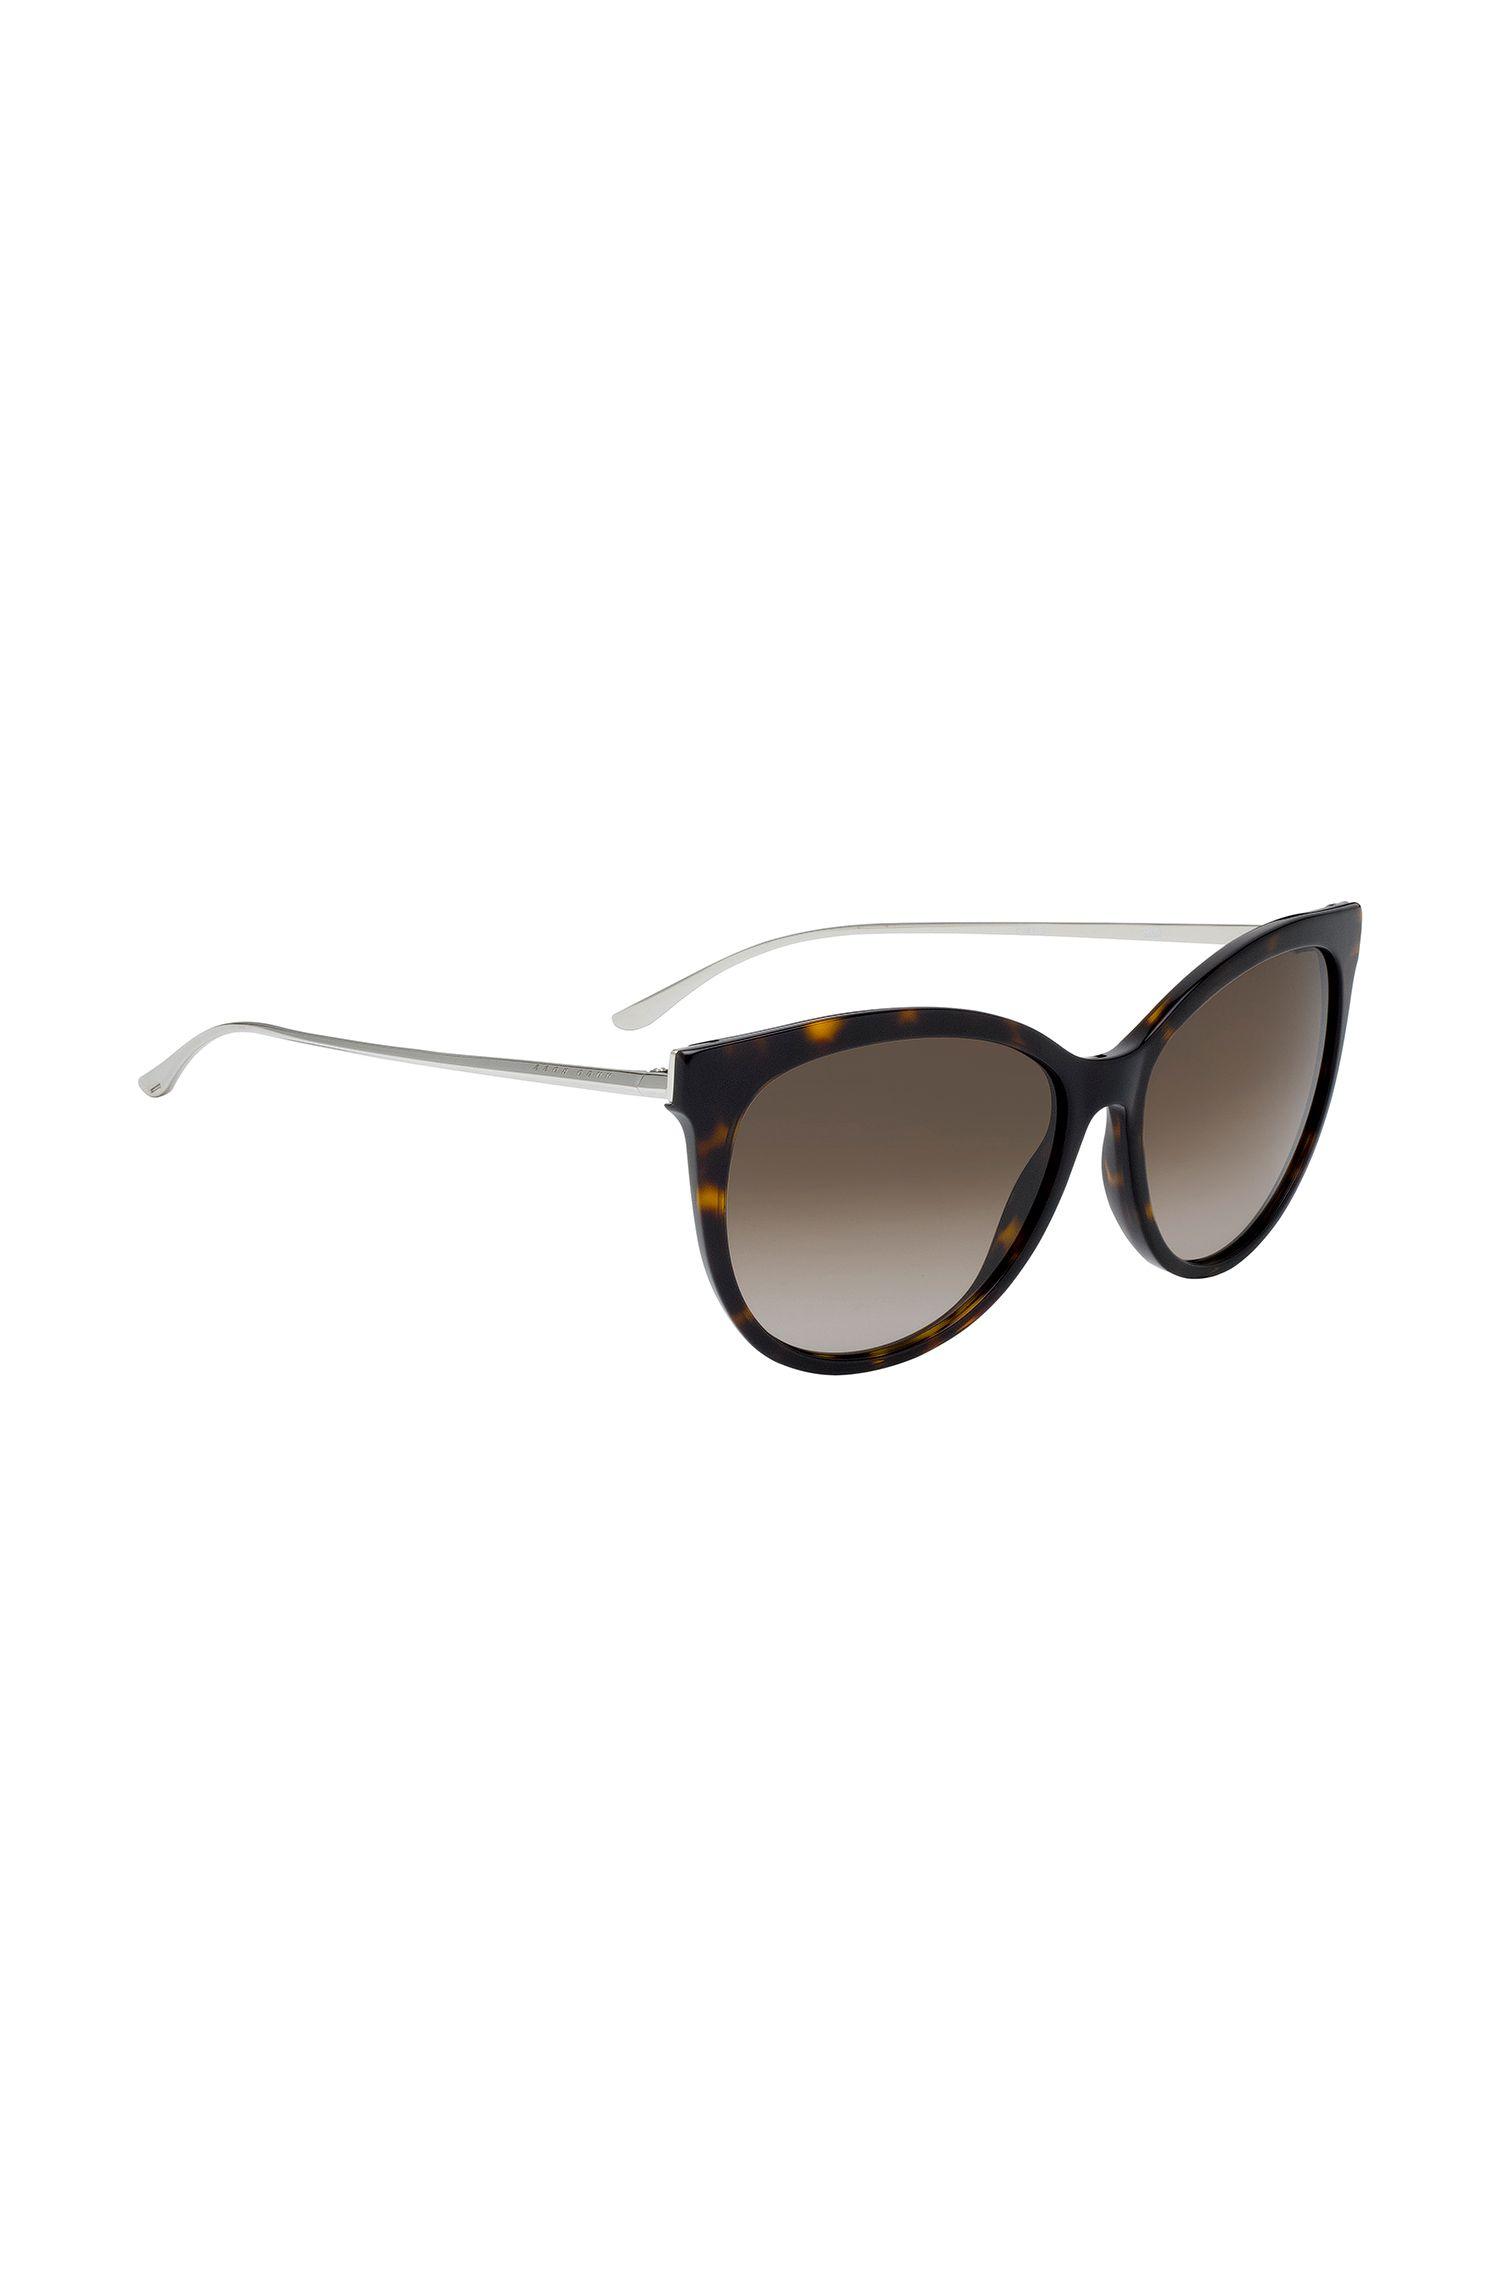 Gafas de sol de ojo de gato con logo grabado a láser